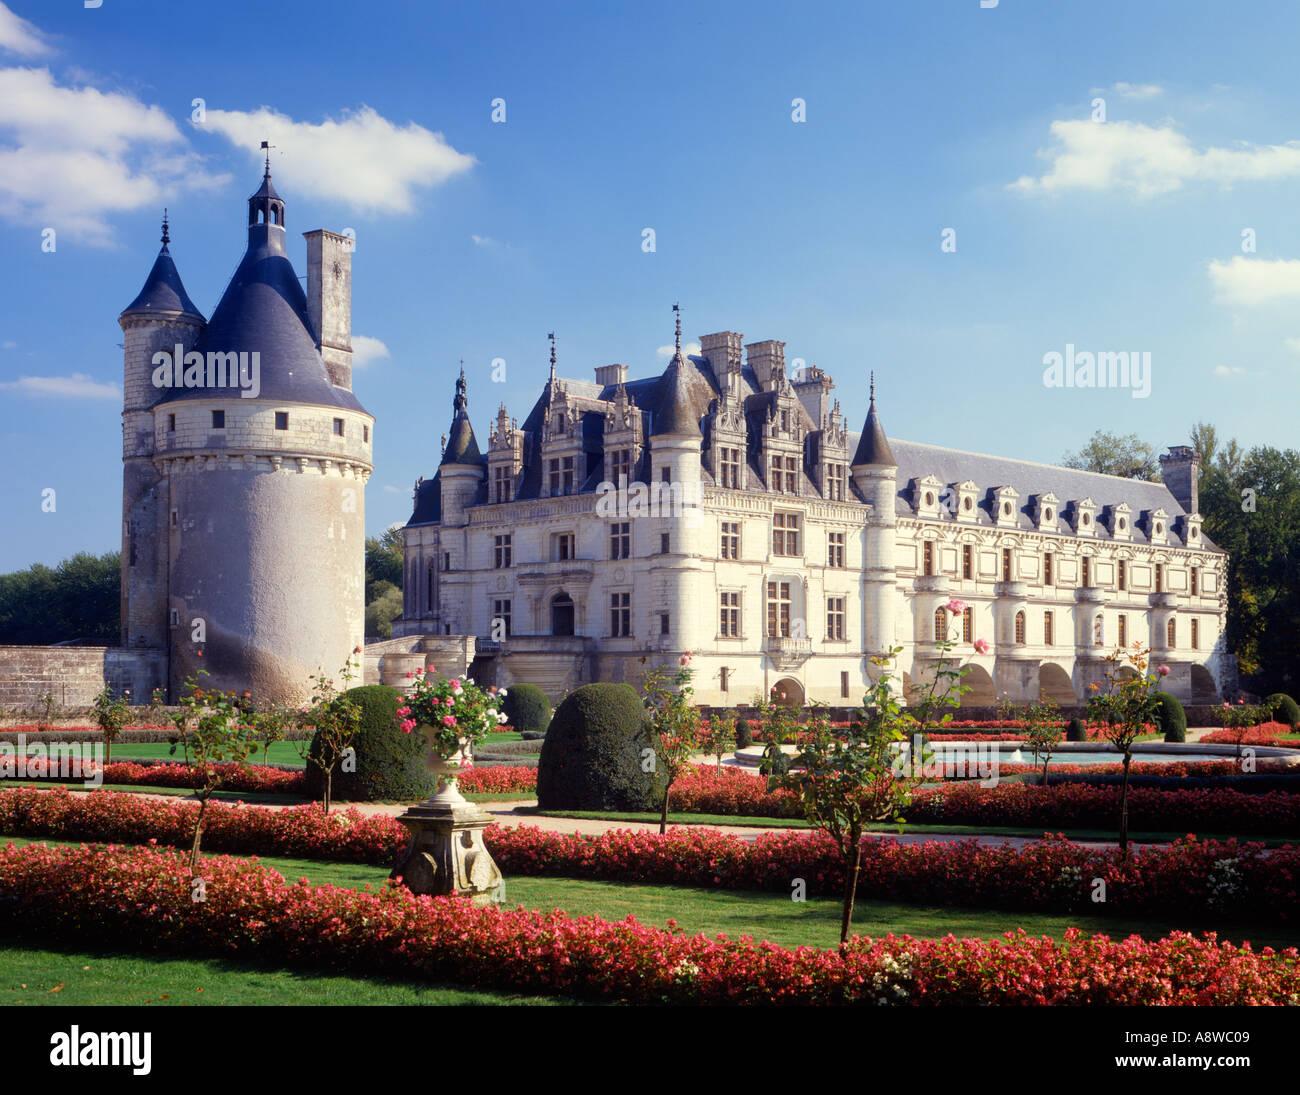 Castillo de Chenonceau sobre el río Cher en Francia Imagen De Stock